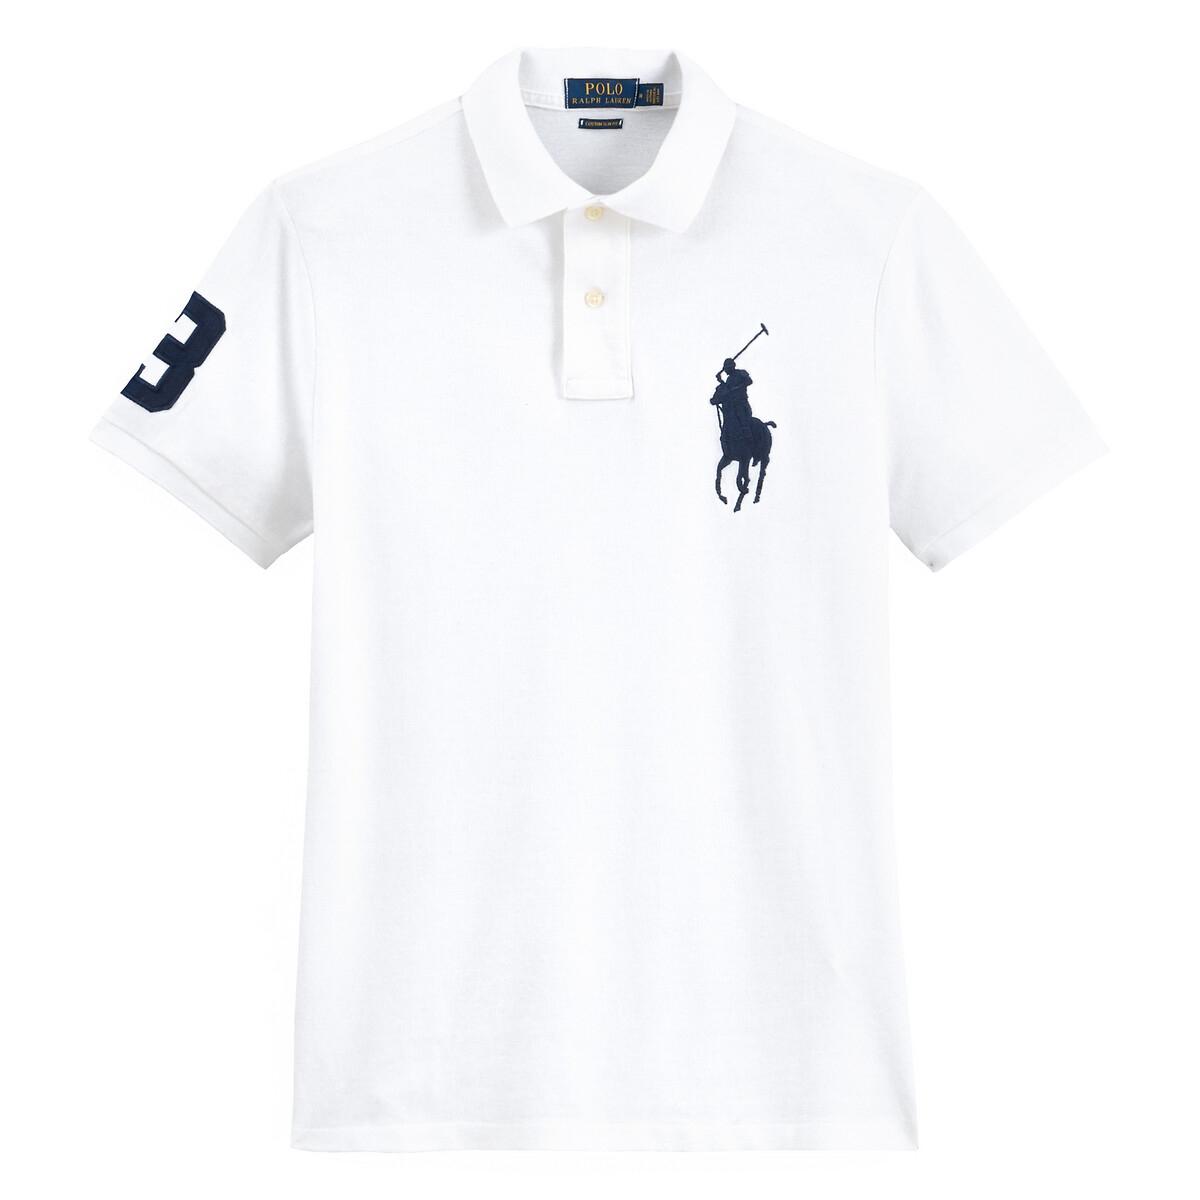 Футболка-поло LaRedoute Прямого покроя из трикотажа пике XL белый футболка поло la redoute прямого покроя из трикотажа пике s серый